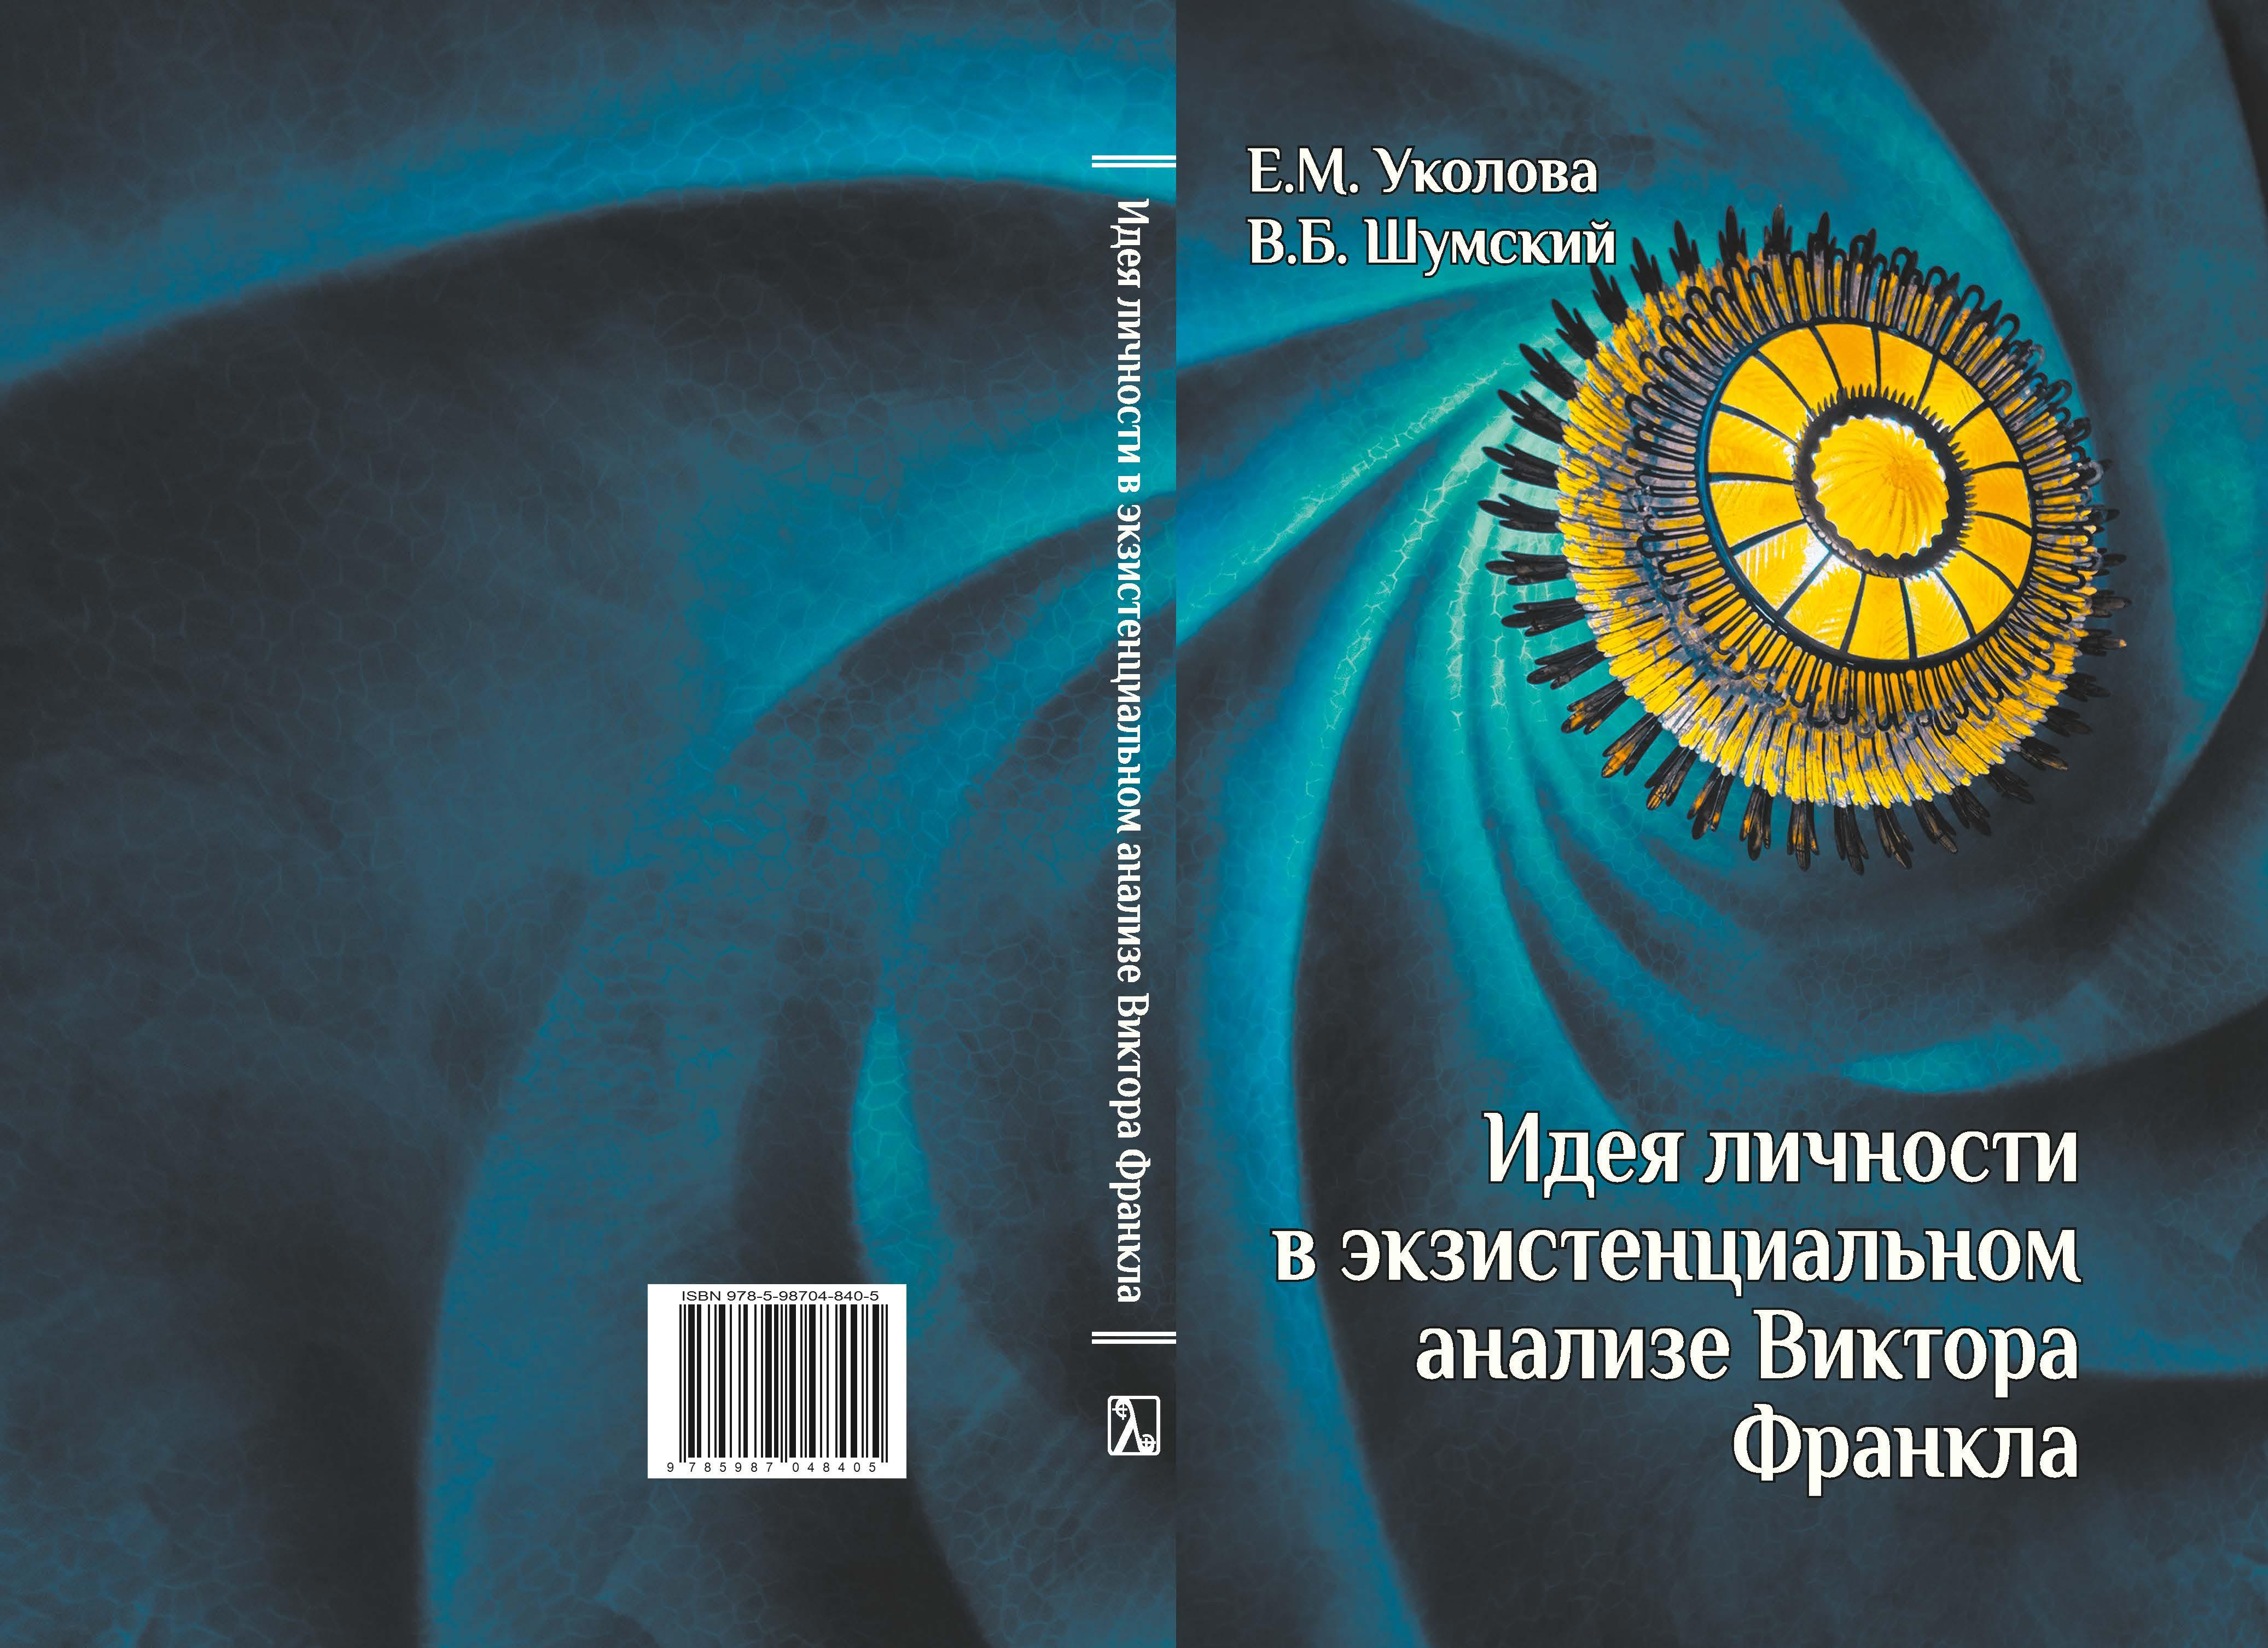 Идея личности в экзистенциальном анализе Виктора Франкла